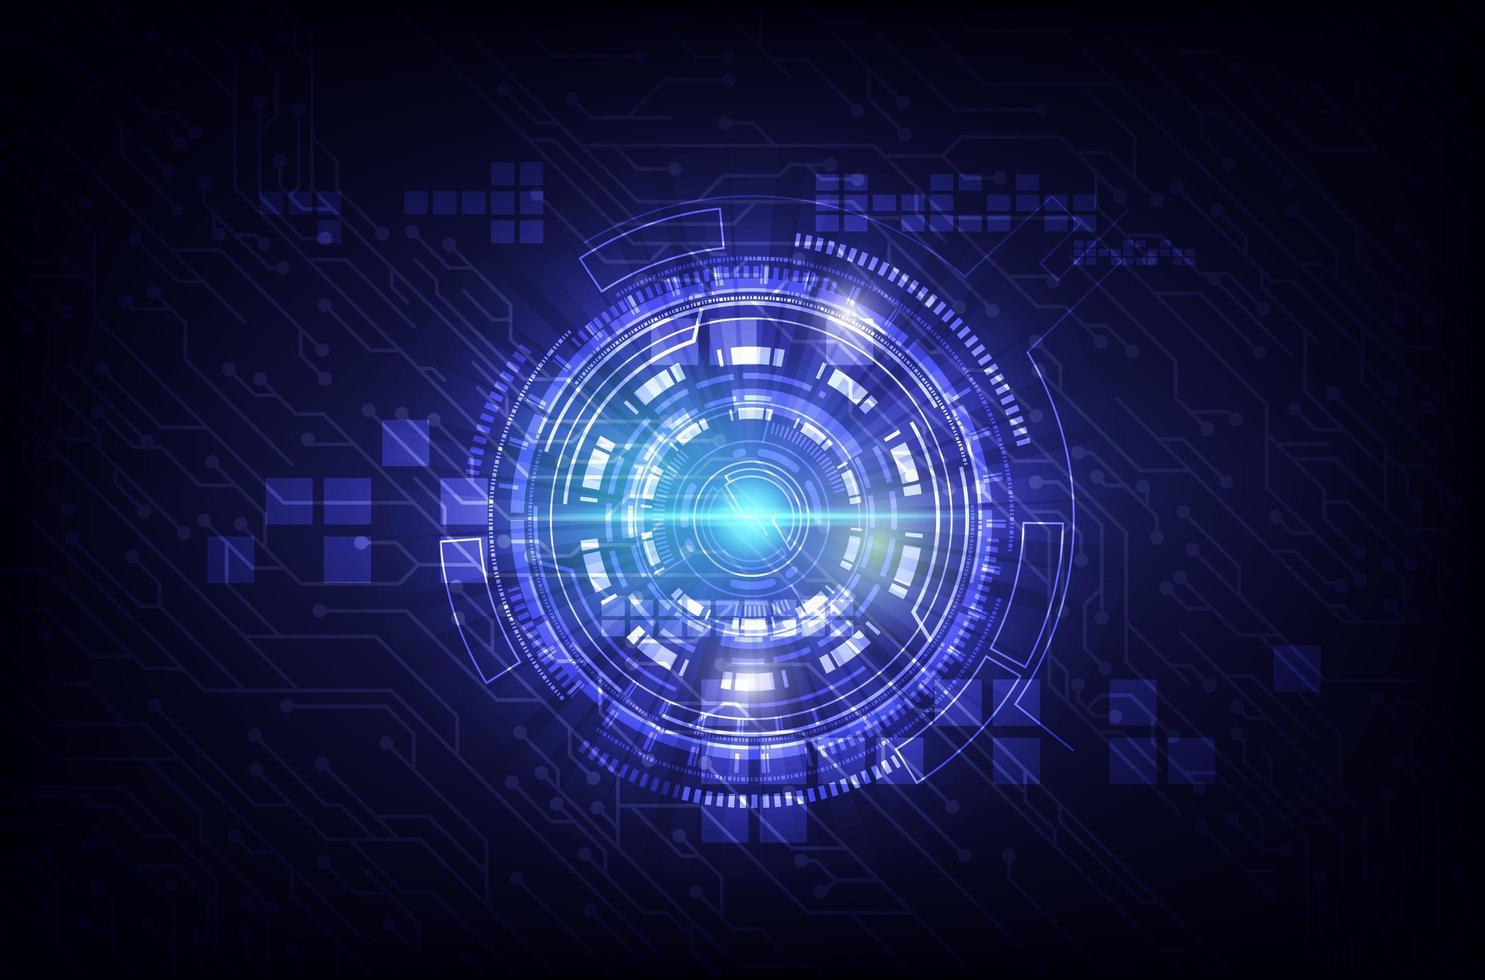 circuito morado y diseño de tecnología de internet vector